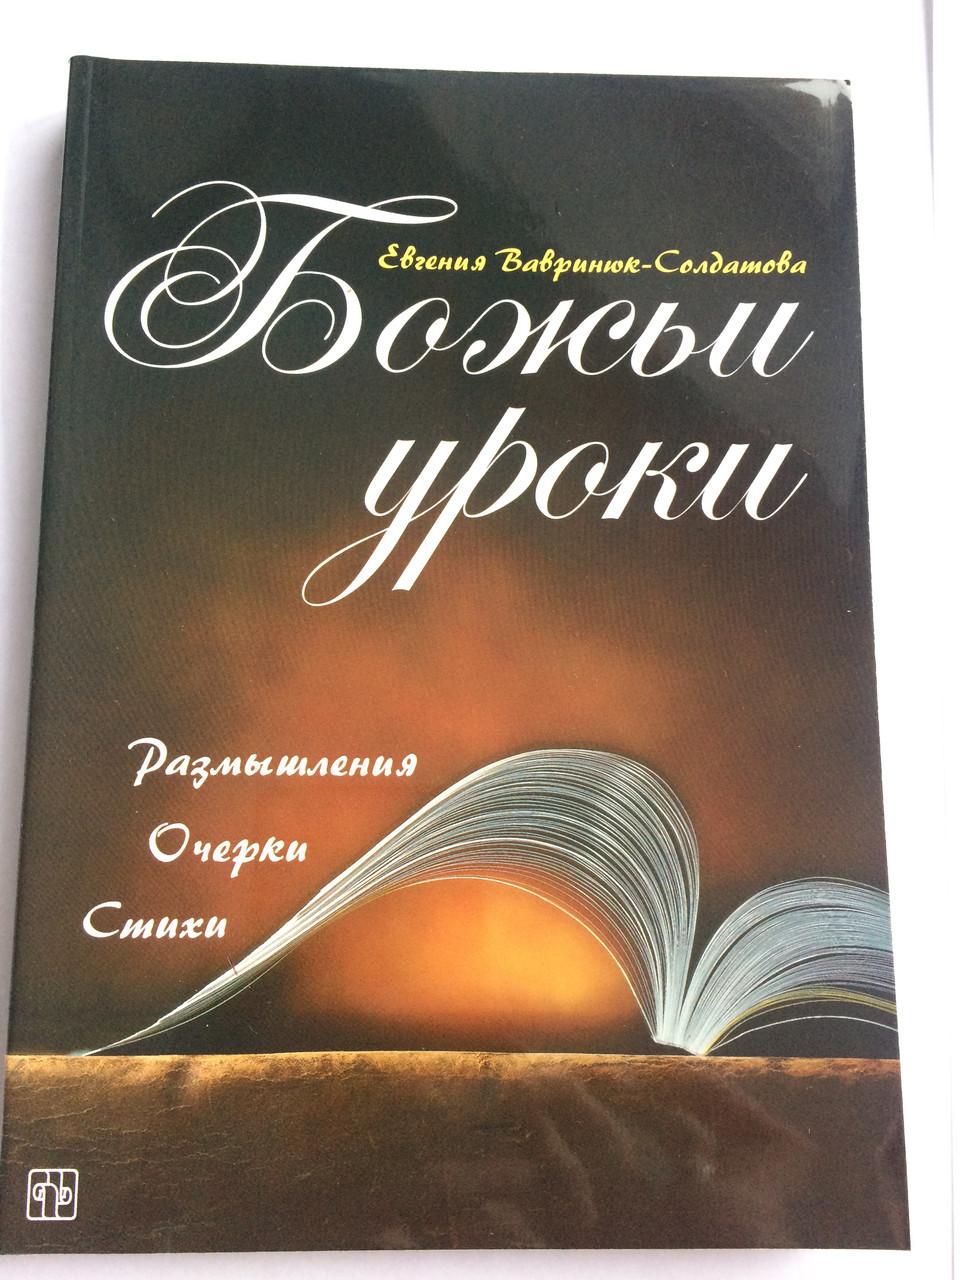 Божьи уроки. Размышления, очерки, стихи. Евгения Вавритнюк - Солдатова